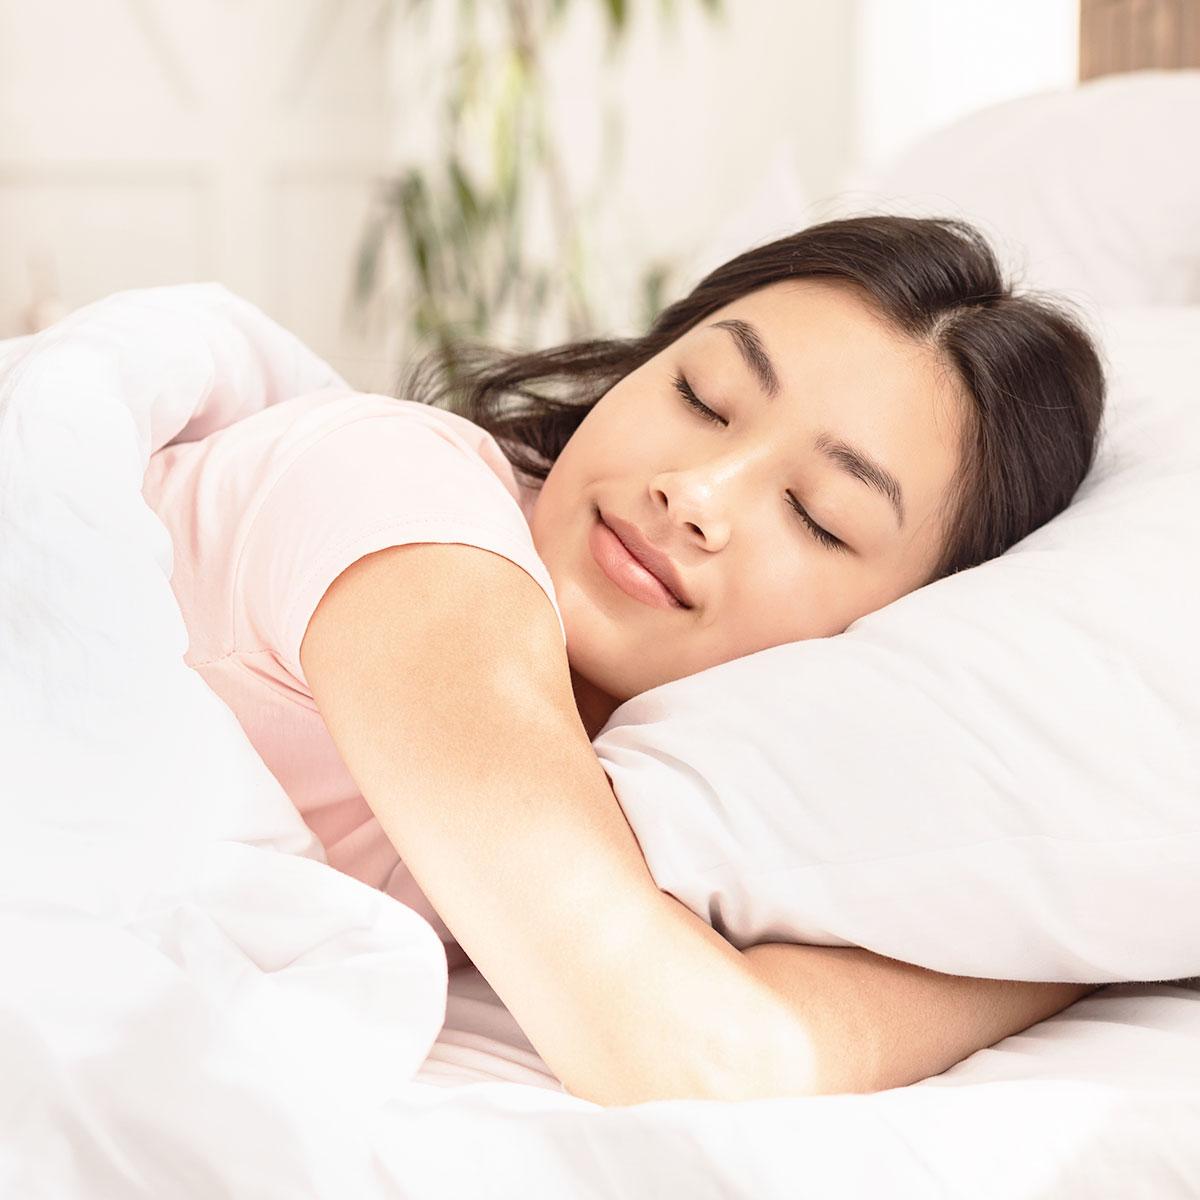 Ngủ ngon mỗi đêm bạn sẽ thấy cơ thể được phục hồi, khỏe khoắn. Ảnh: Shutterstock.